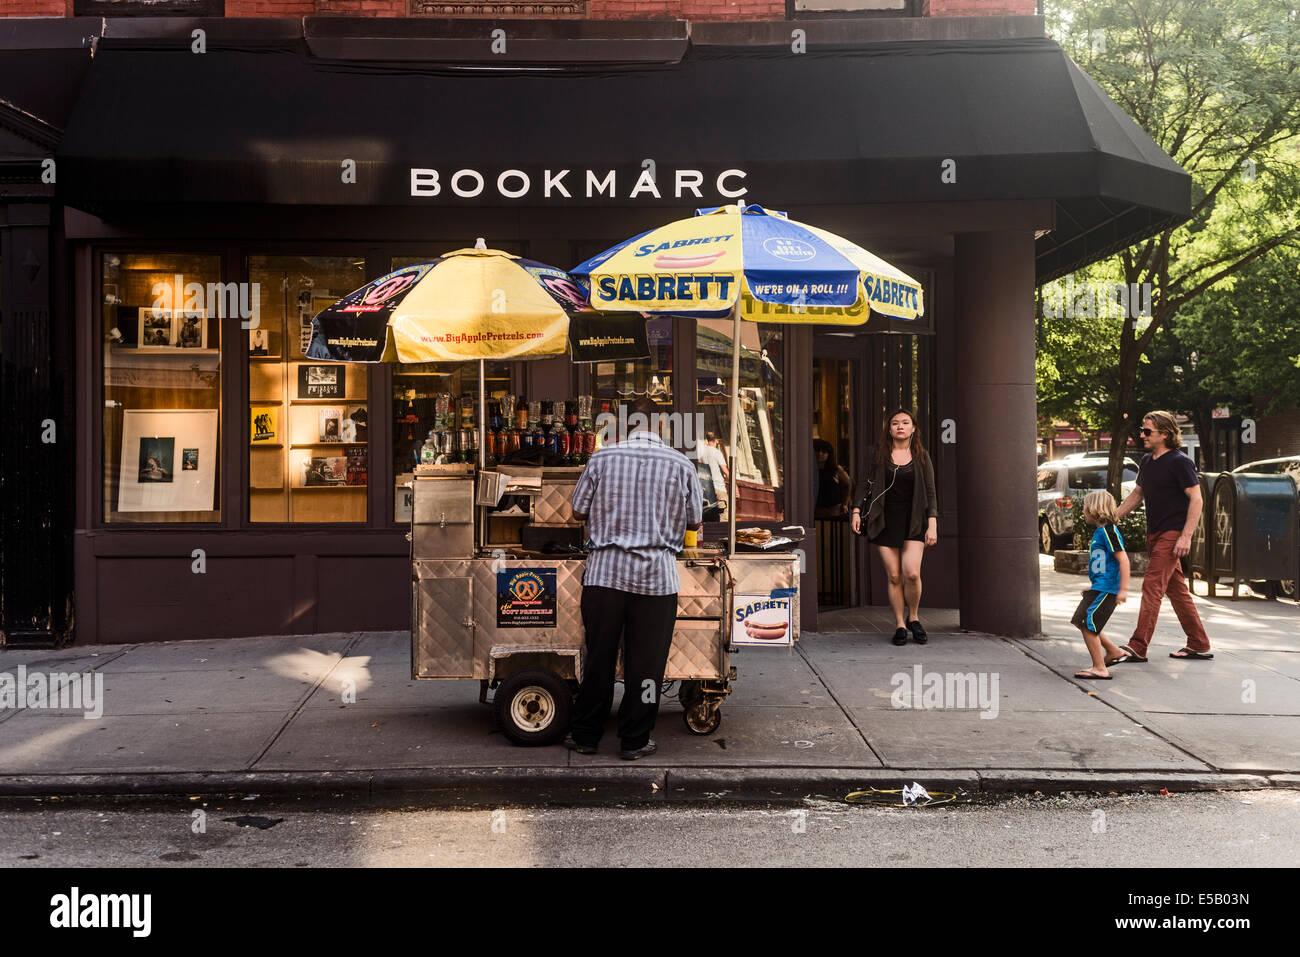 New York, NY - 25 Luglio 2014 - Marc Jacobs Bookstore Su Bleecker Street Immagini Stock